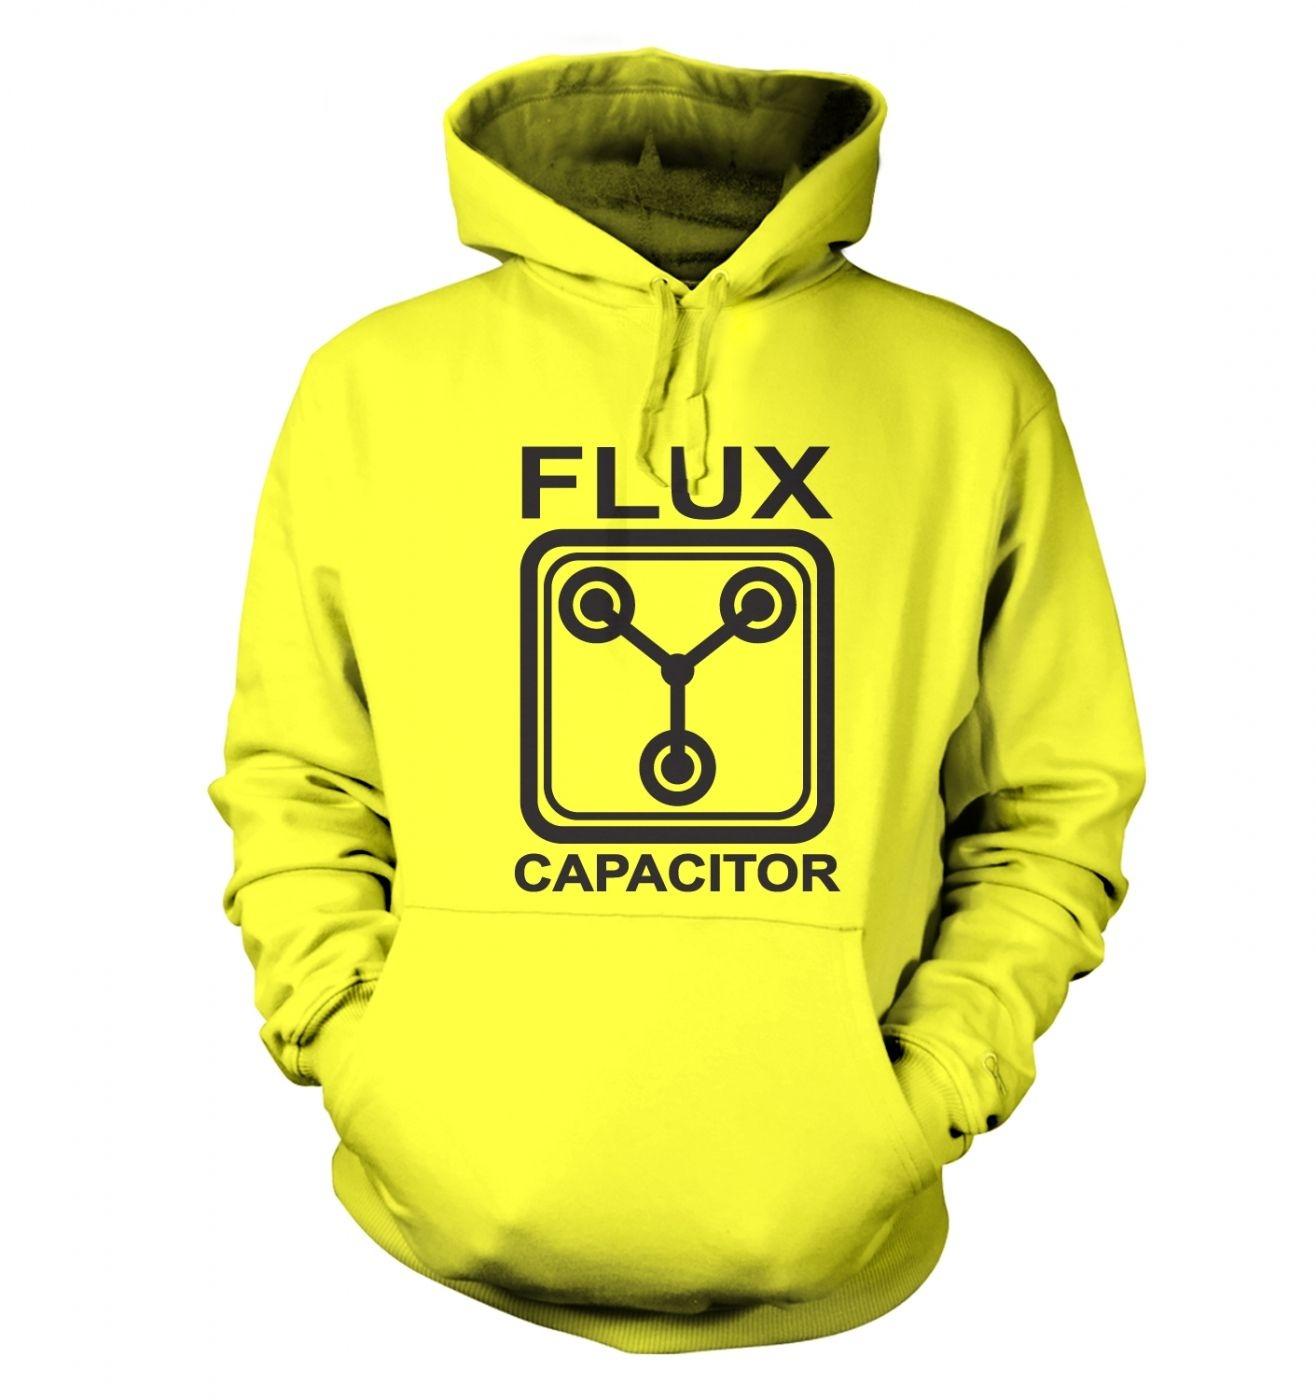 Flux Capacitor hoodie